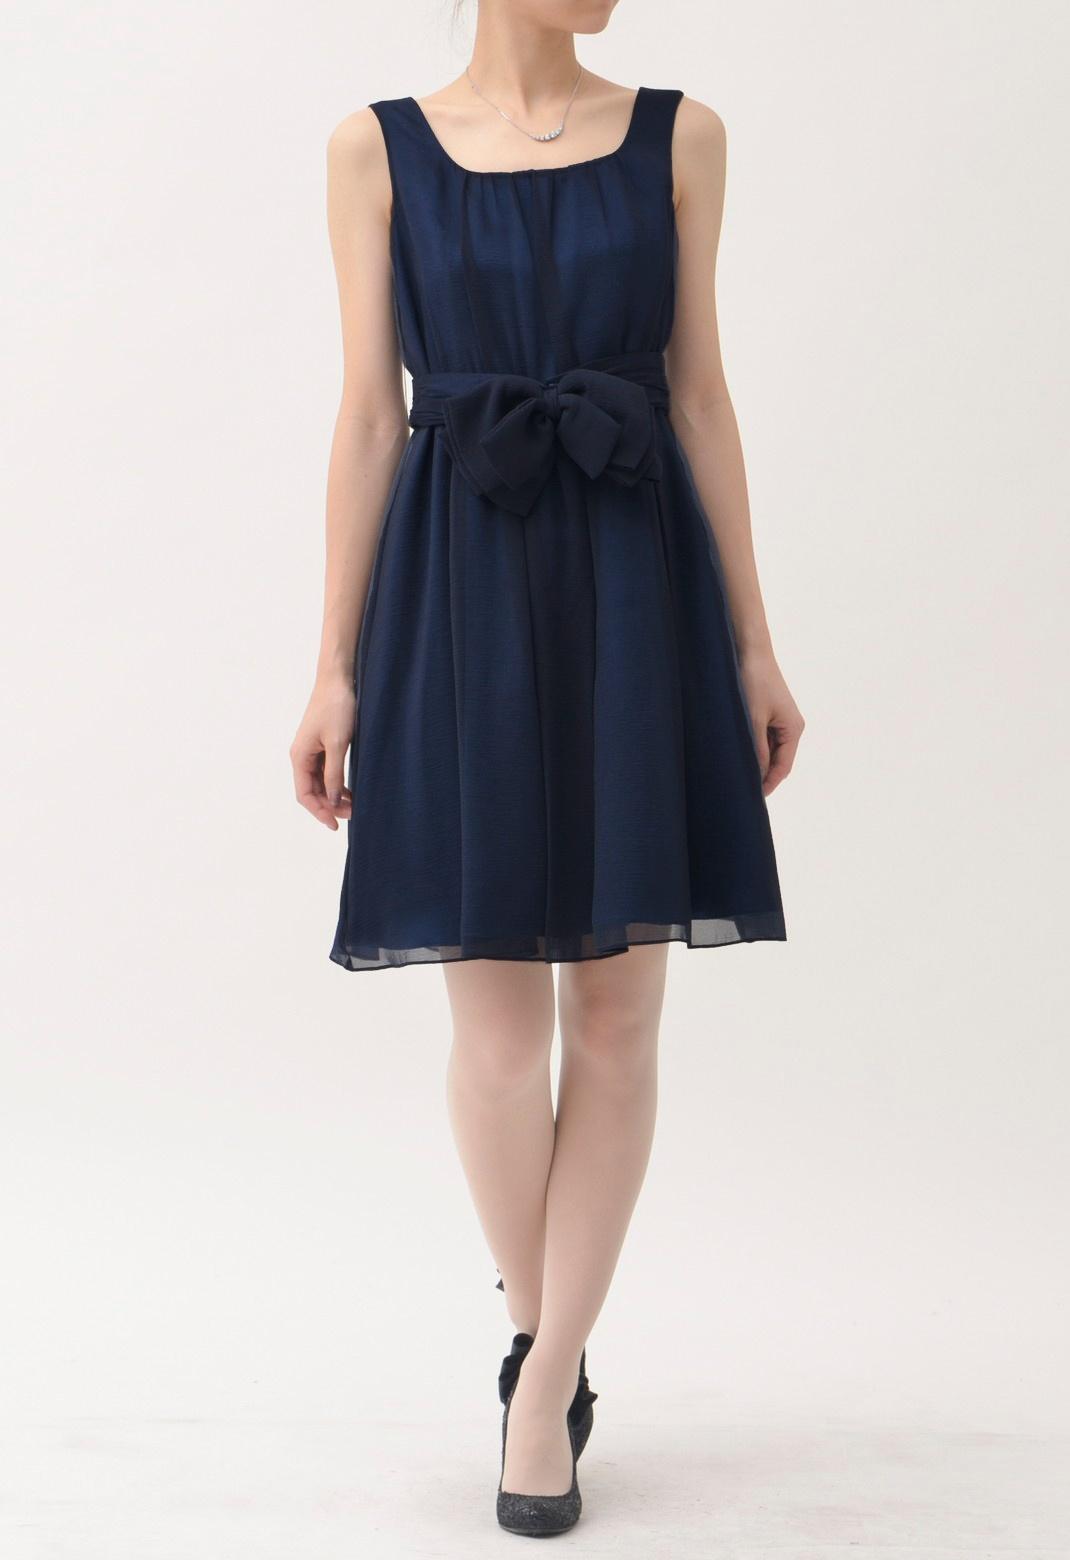 ウエストリボン付 ノースリーブドレス